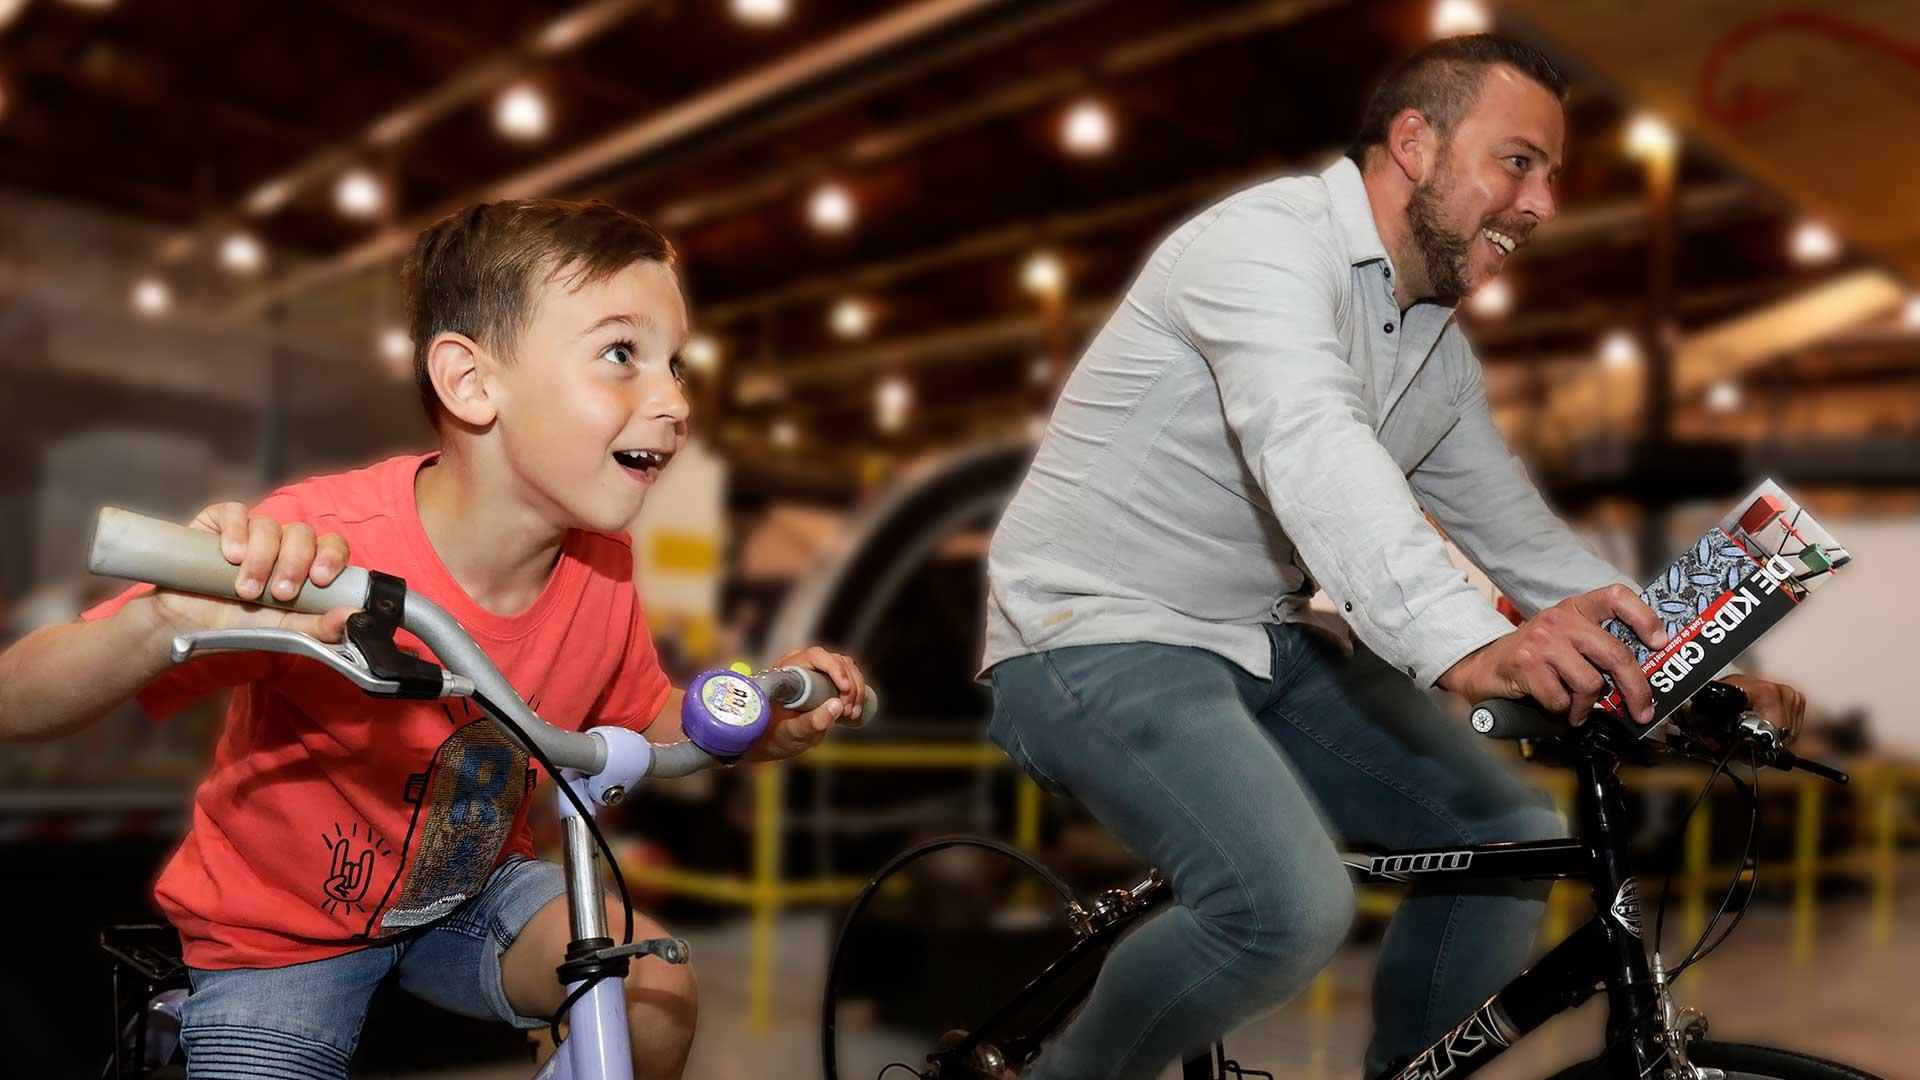 Wek energie op door te fietsen